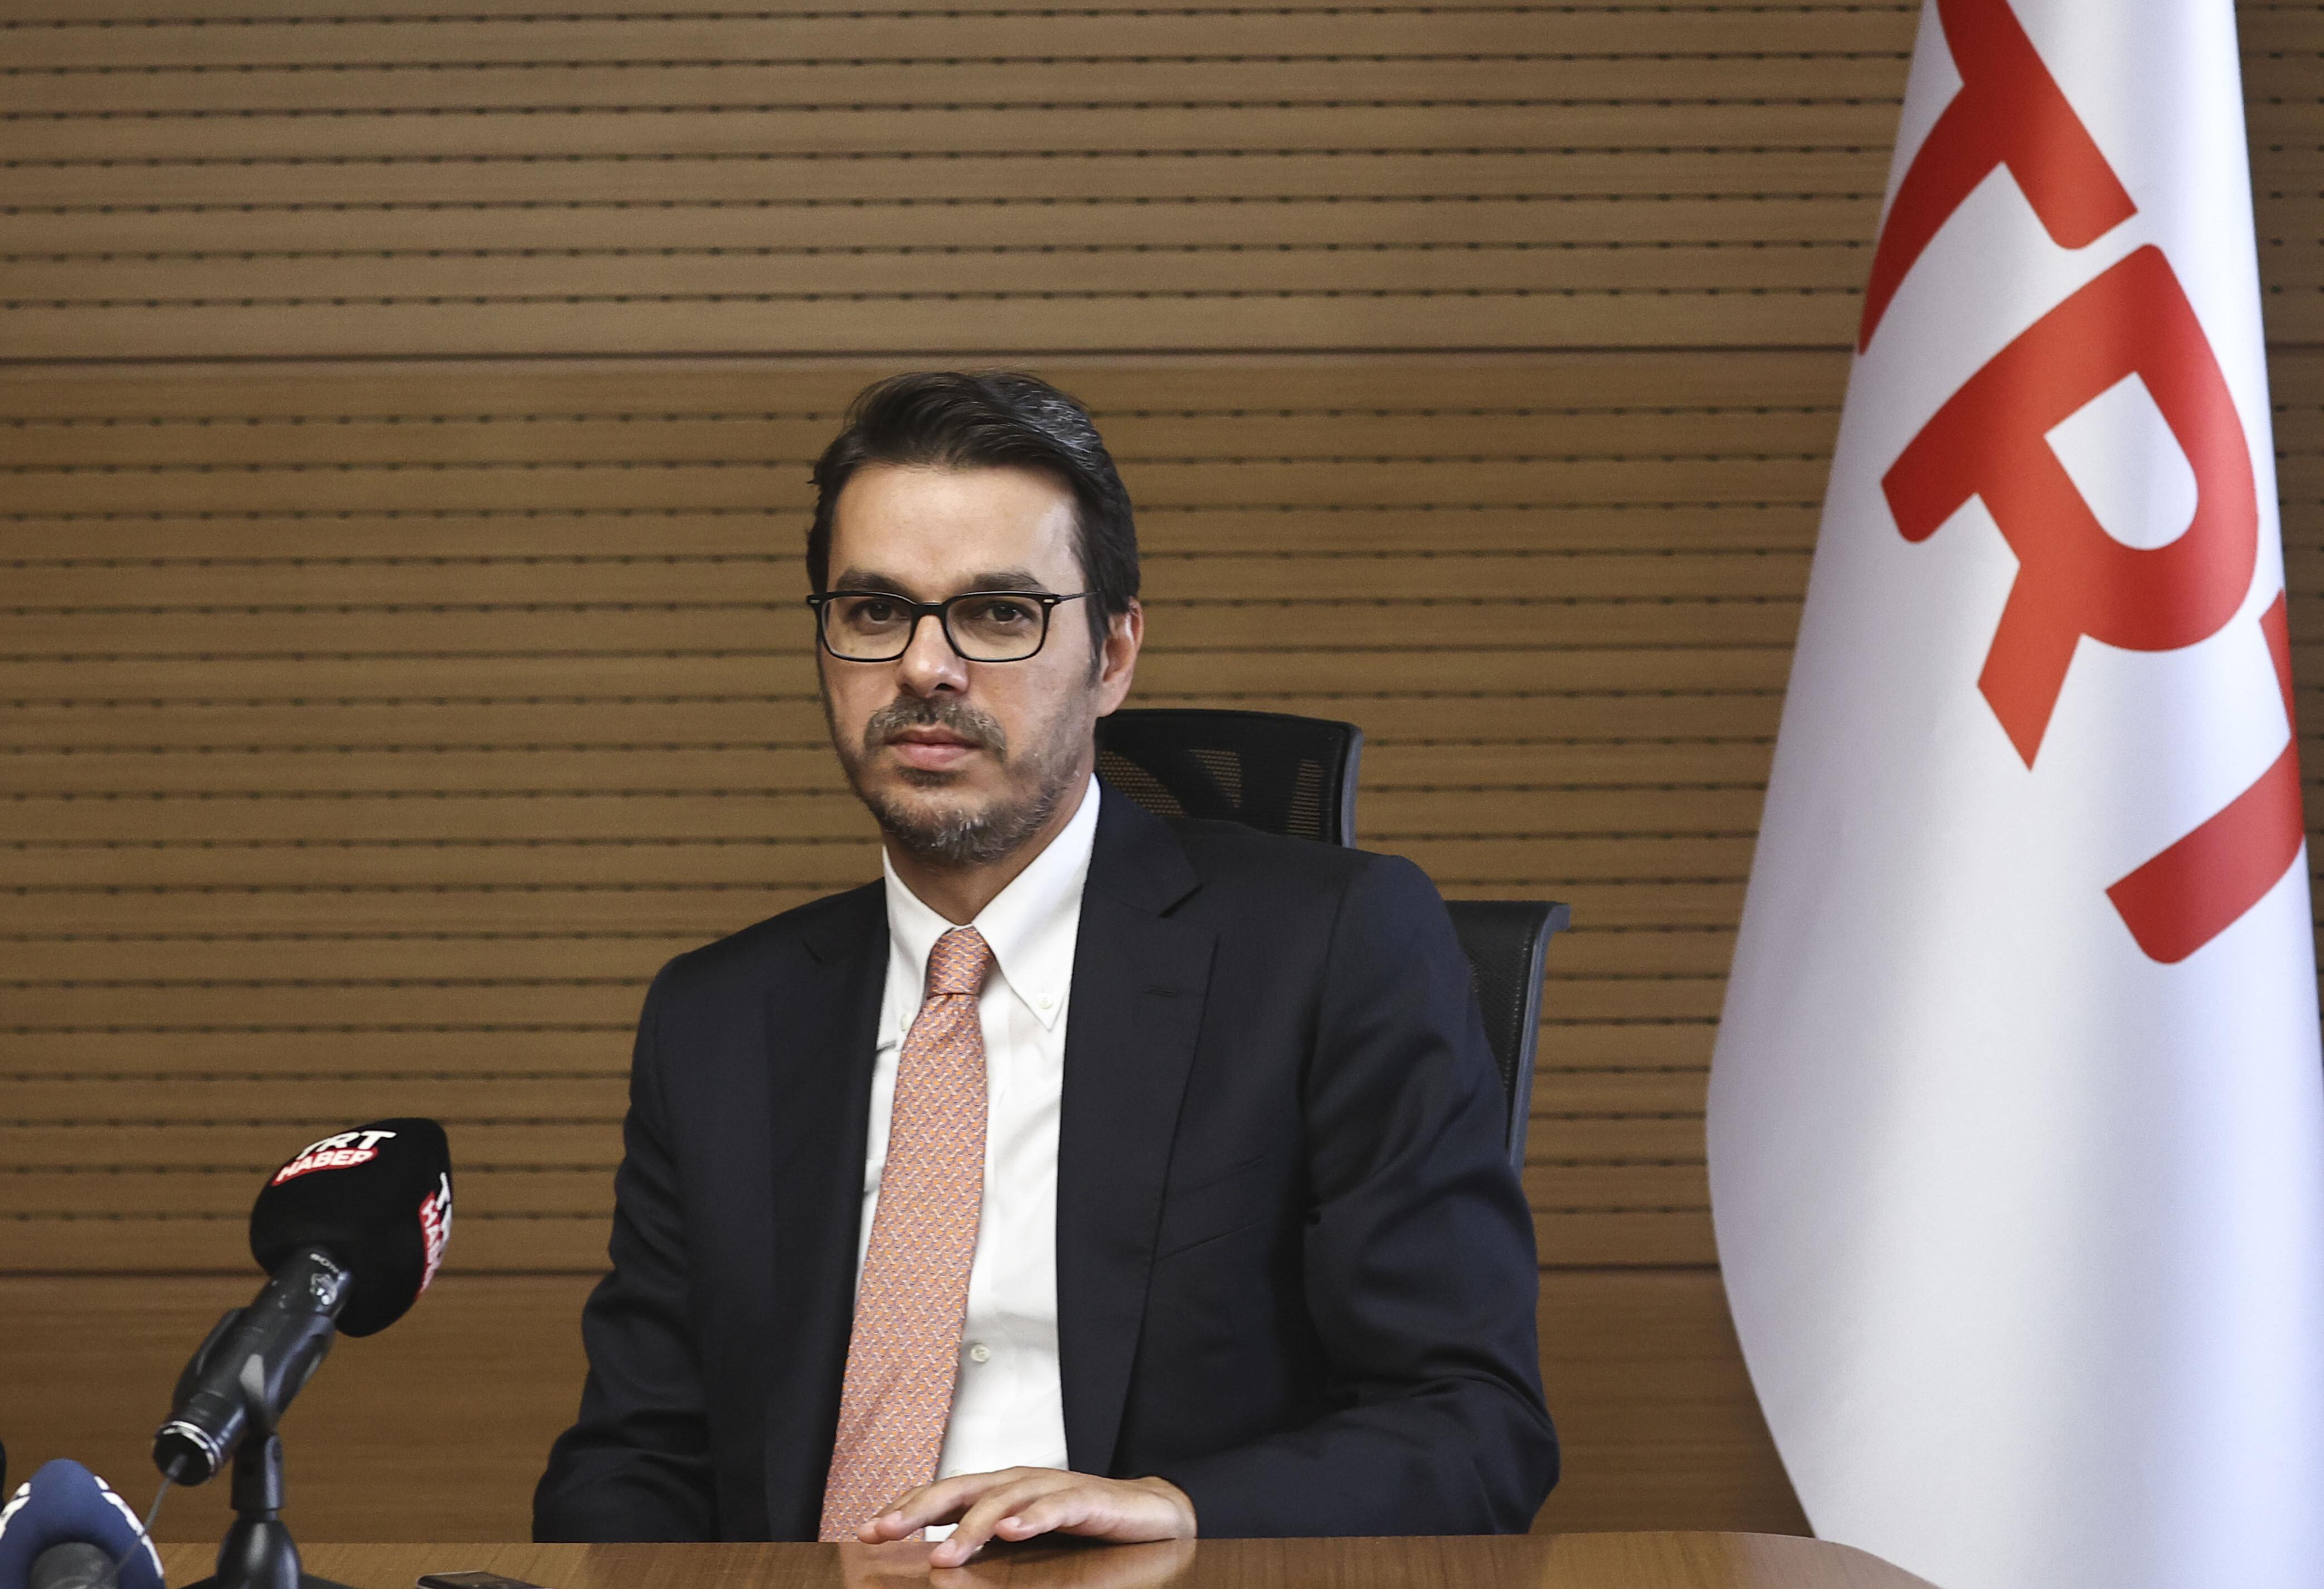 İbrahim Eren, 72 ülkenin yayın kuruluşlarından oluşan 271 üyesi ile dünyanın en fazla üyeye sahip ve en büyük yayın birliği durumunda olan ABU'nun başkanlığını yaptı